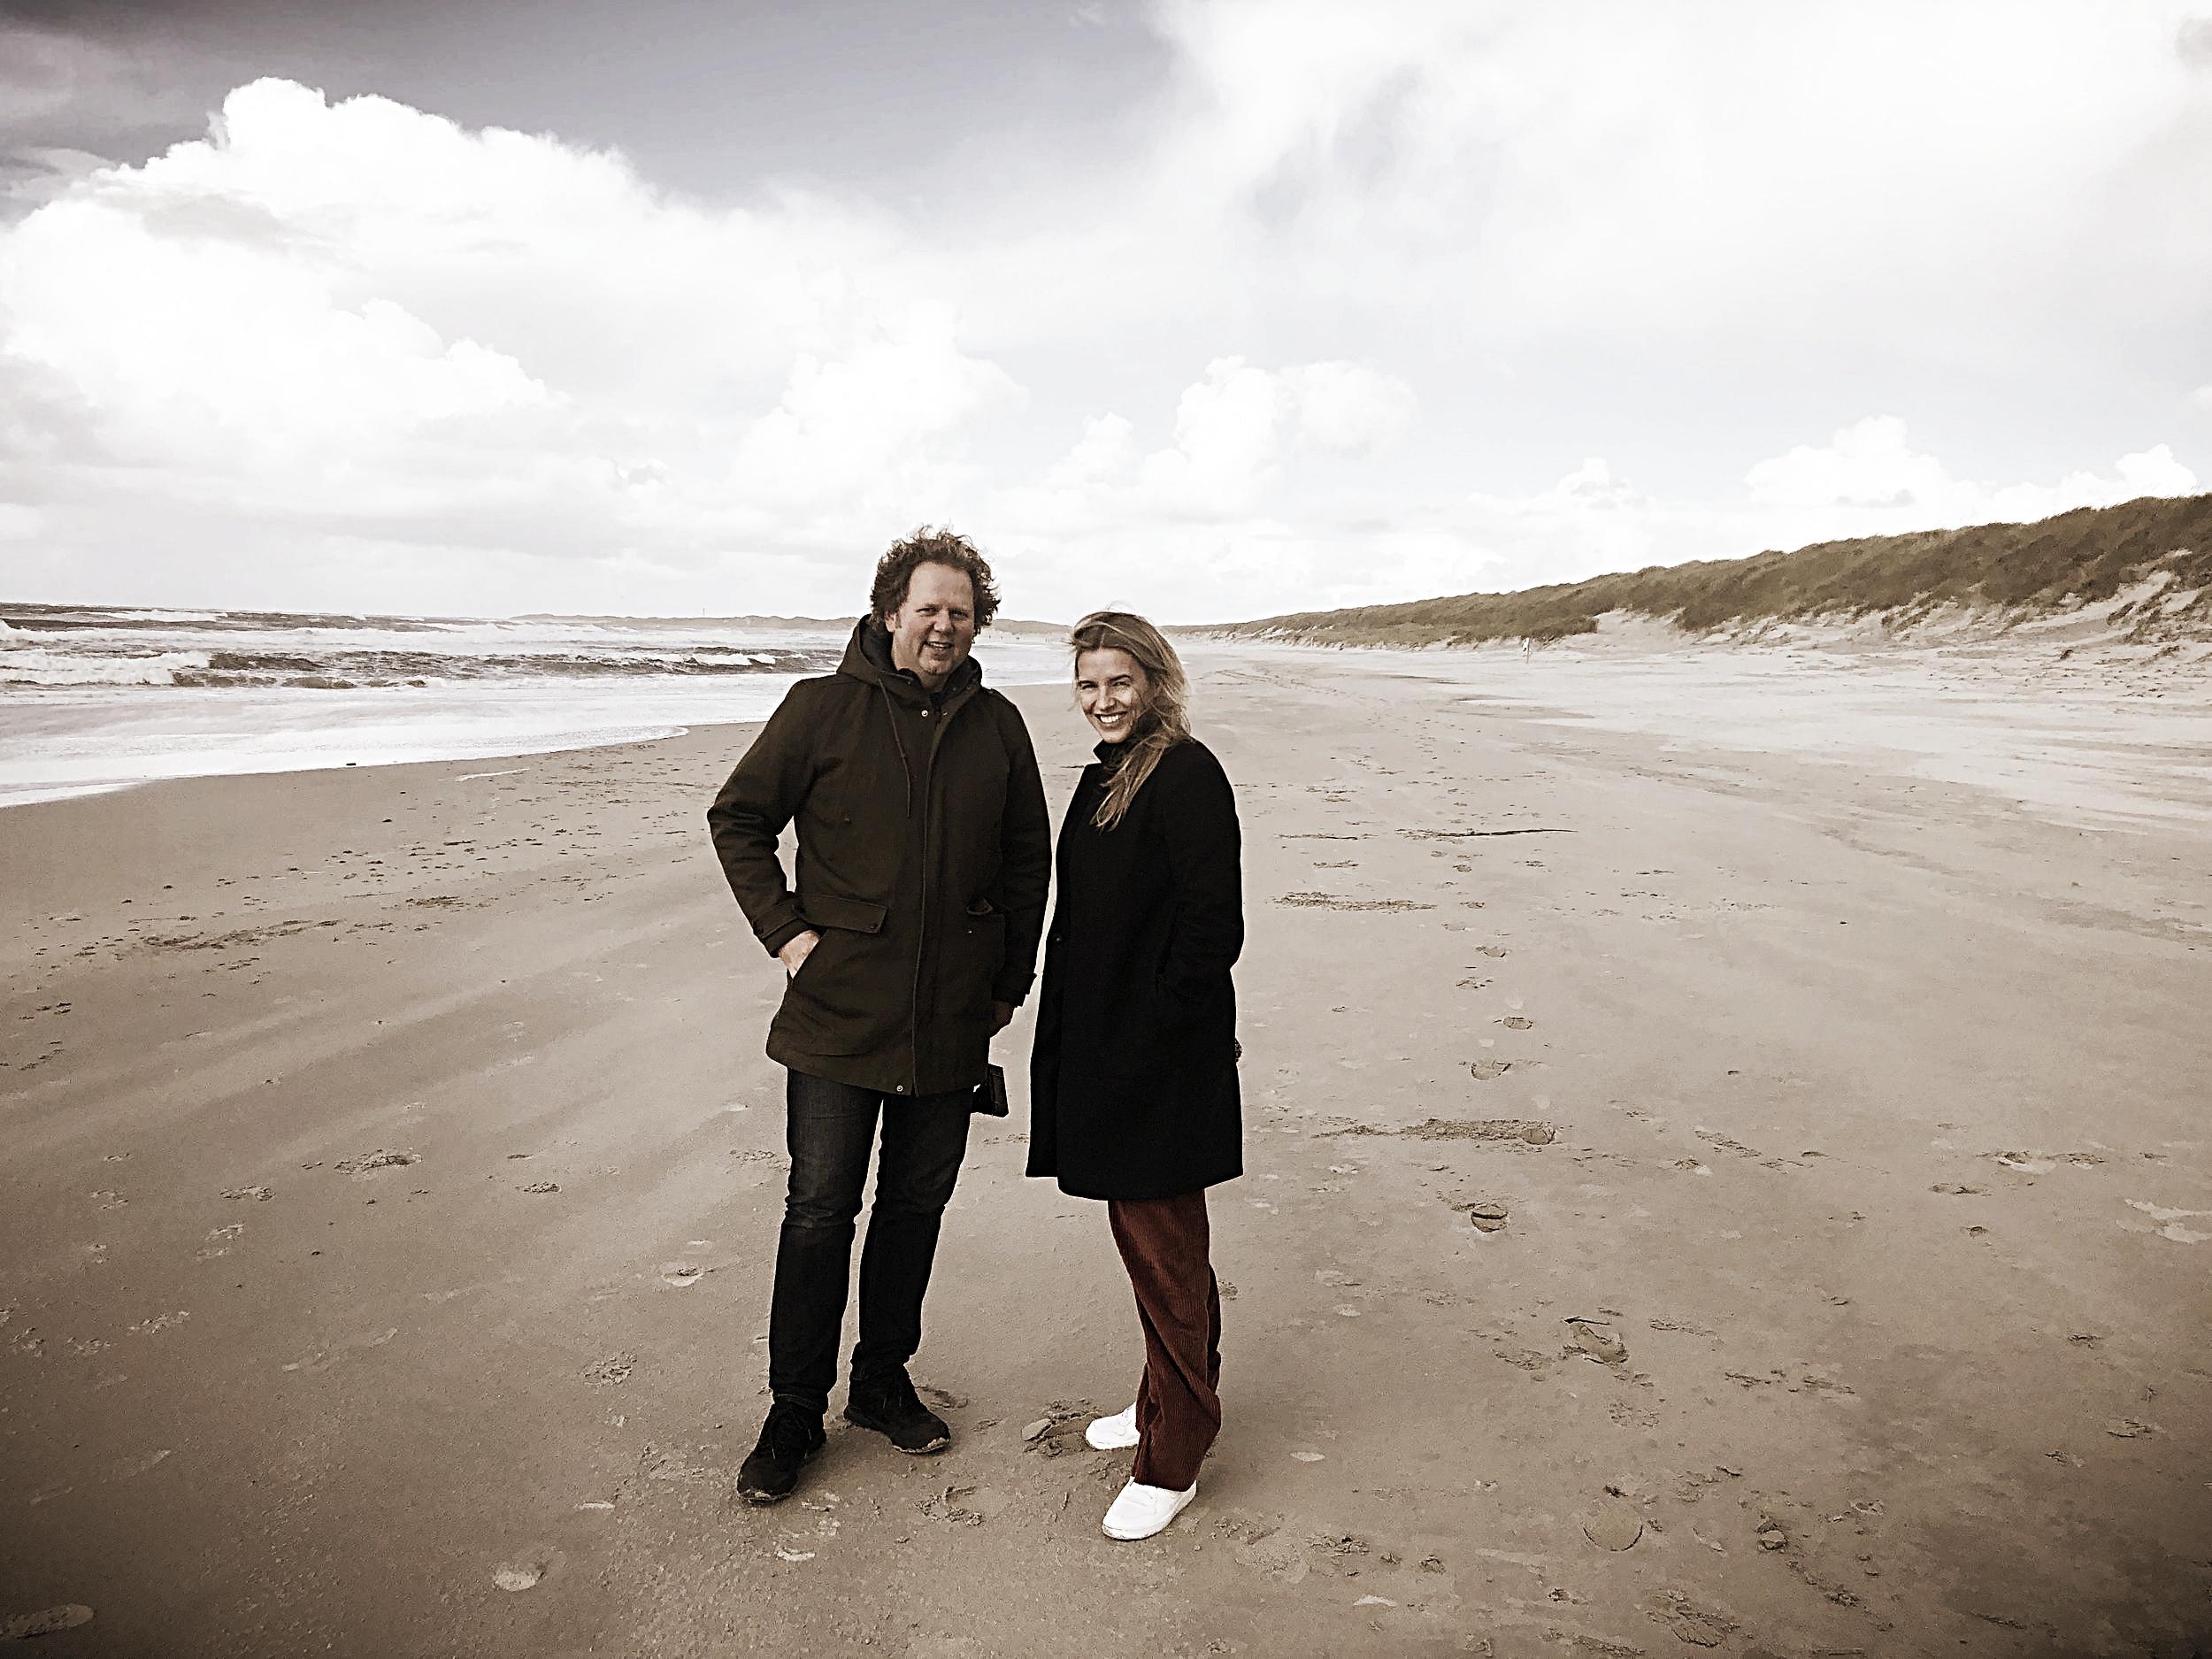 Forblåste forfattere, Jan Zahl og Mari Grydeland. Fotograf: Geir Ramnefjell.